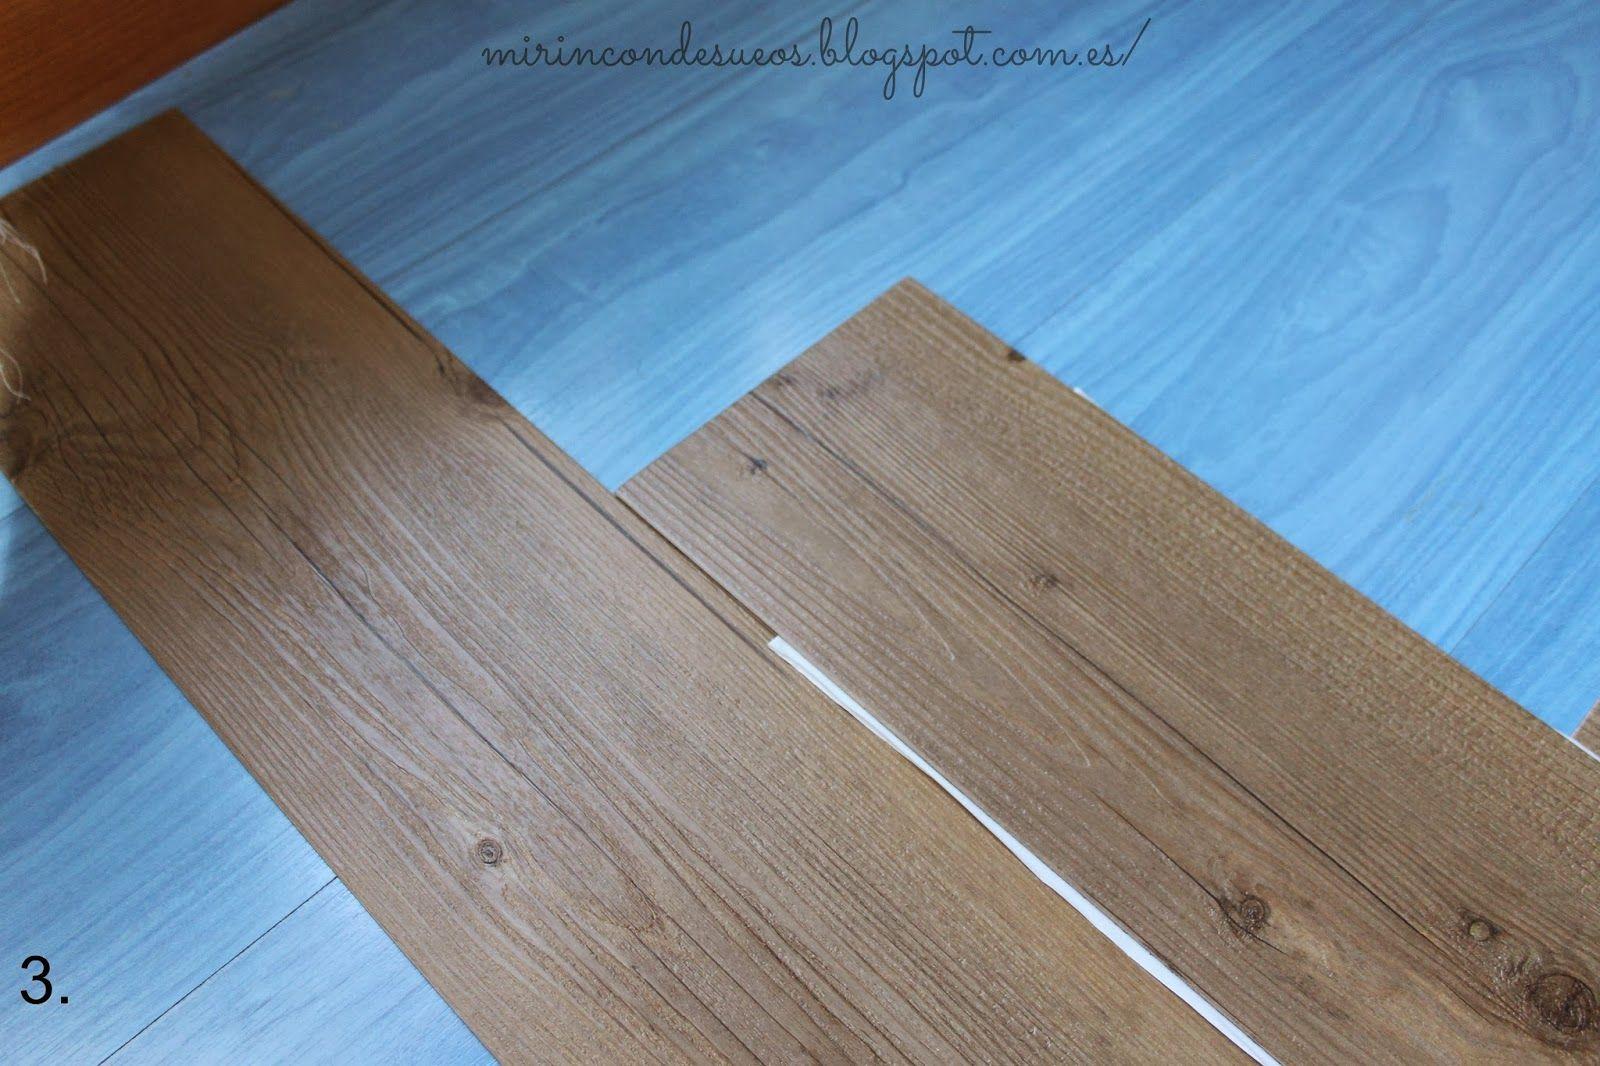 Blog de bricolaje y decoraci n f cil para tu hogar - Laminas adhesivas para suelos ...